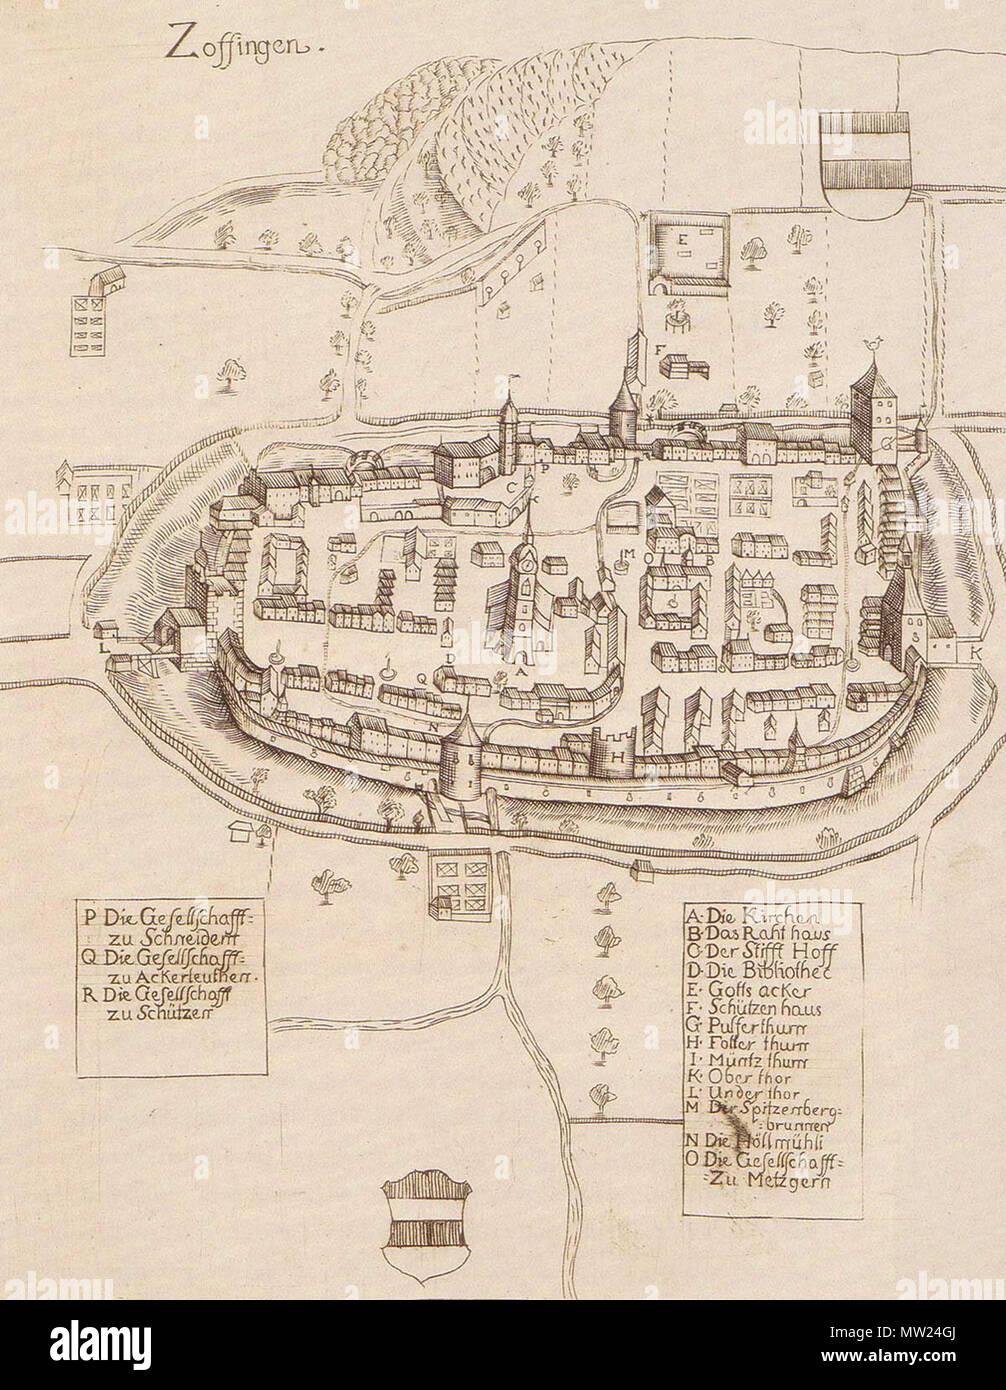 662 Zofingen 1715 - Stock Image